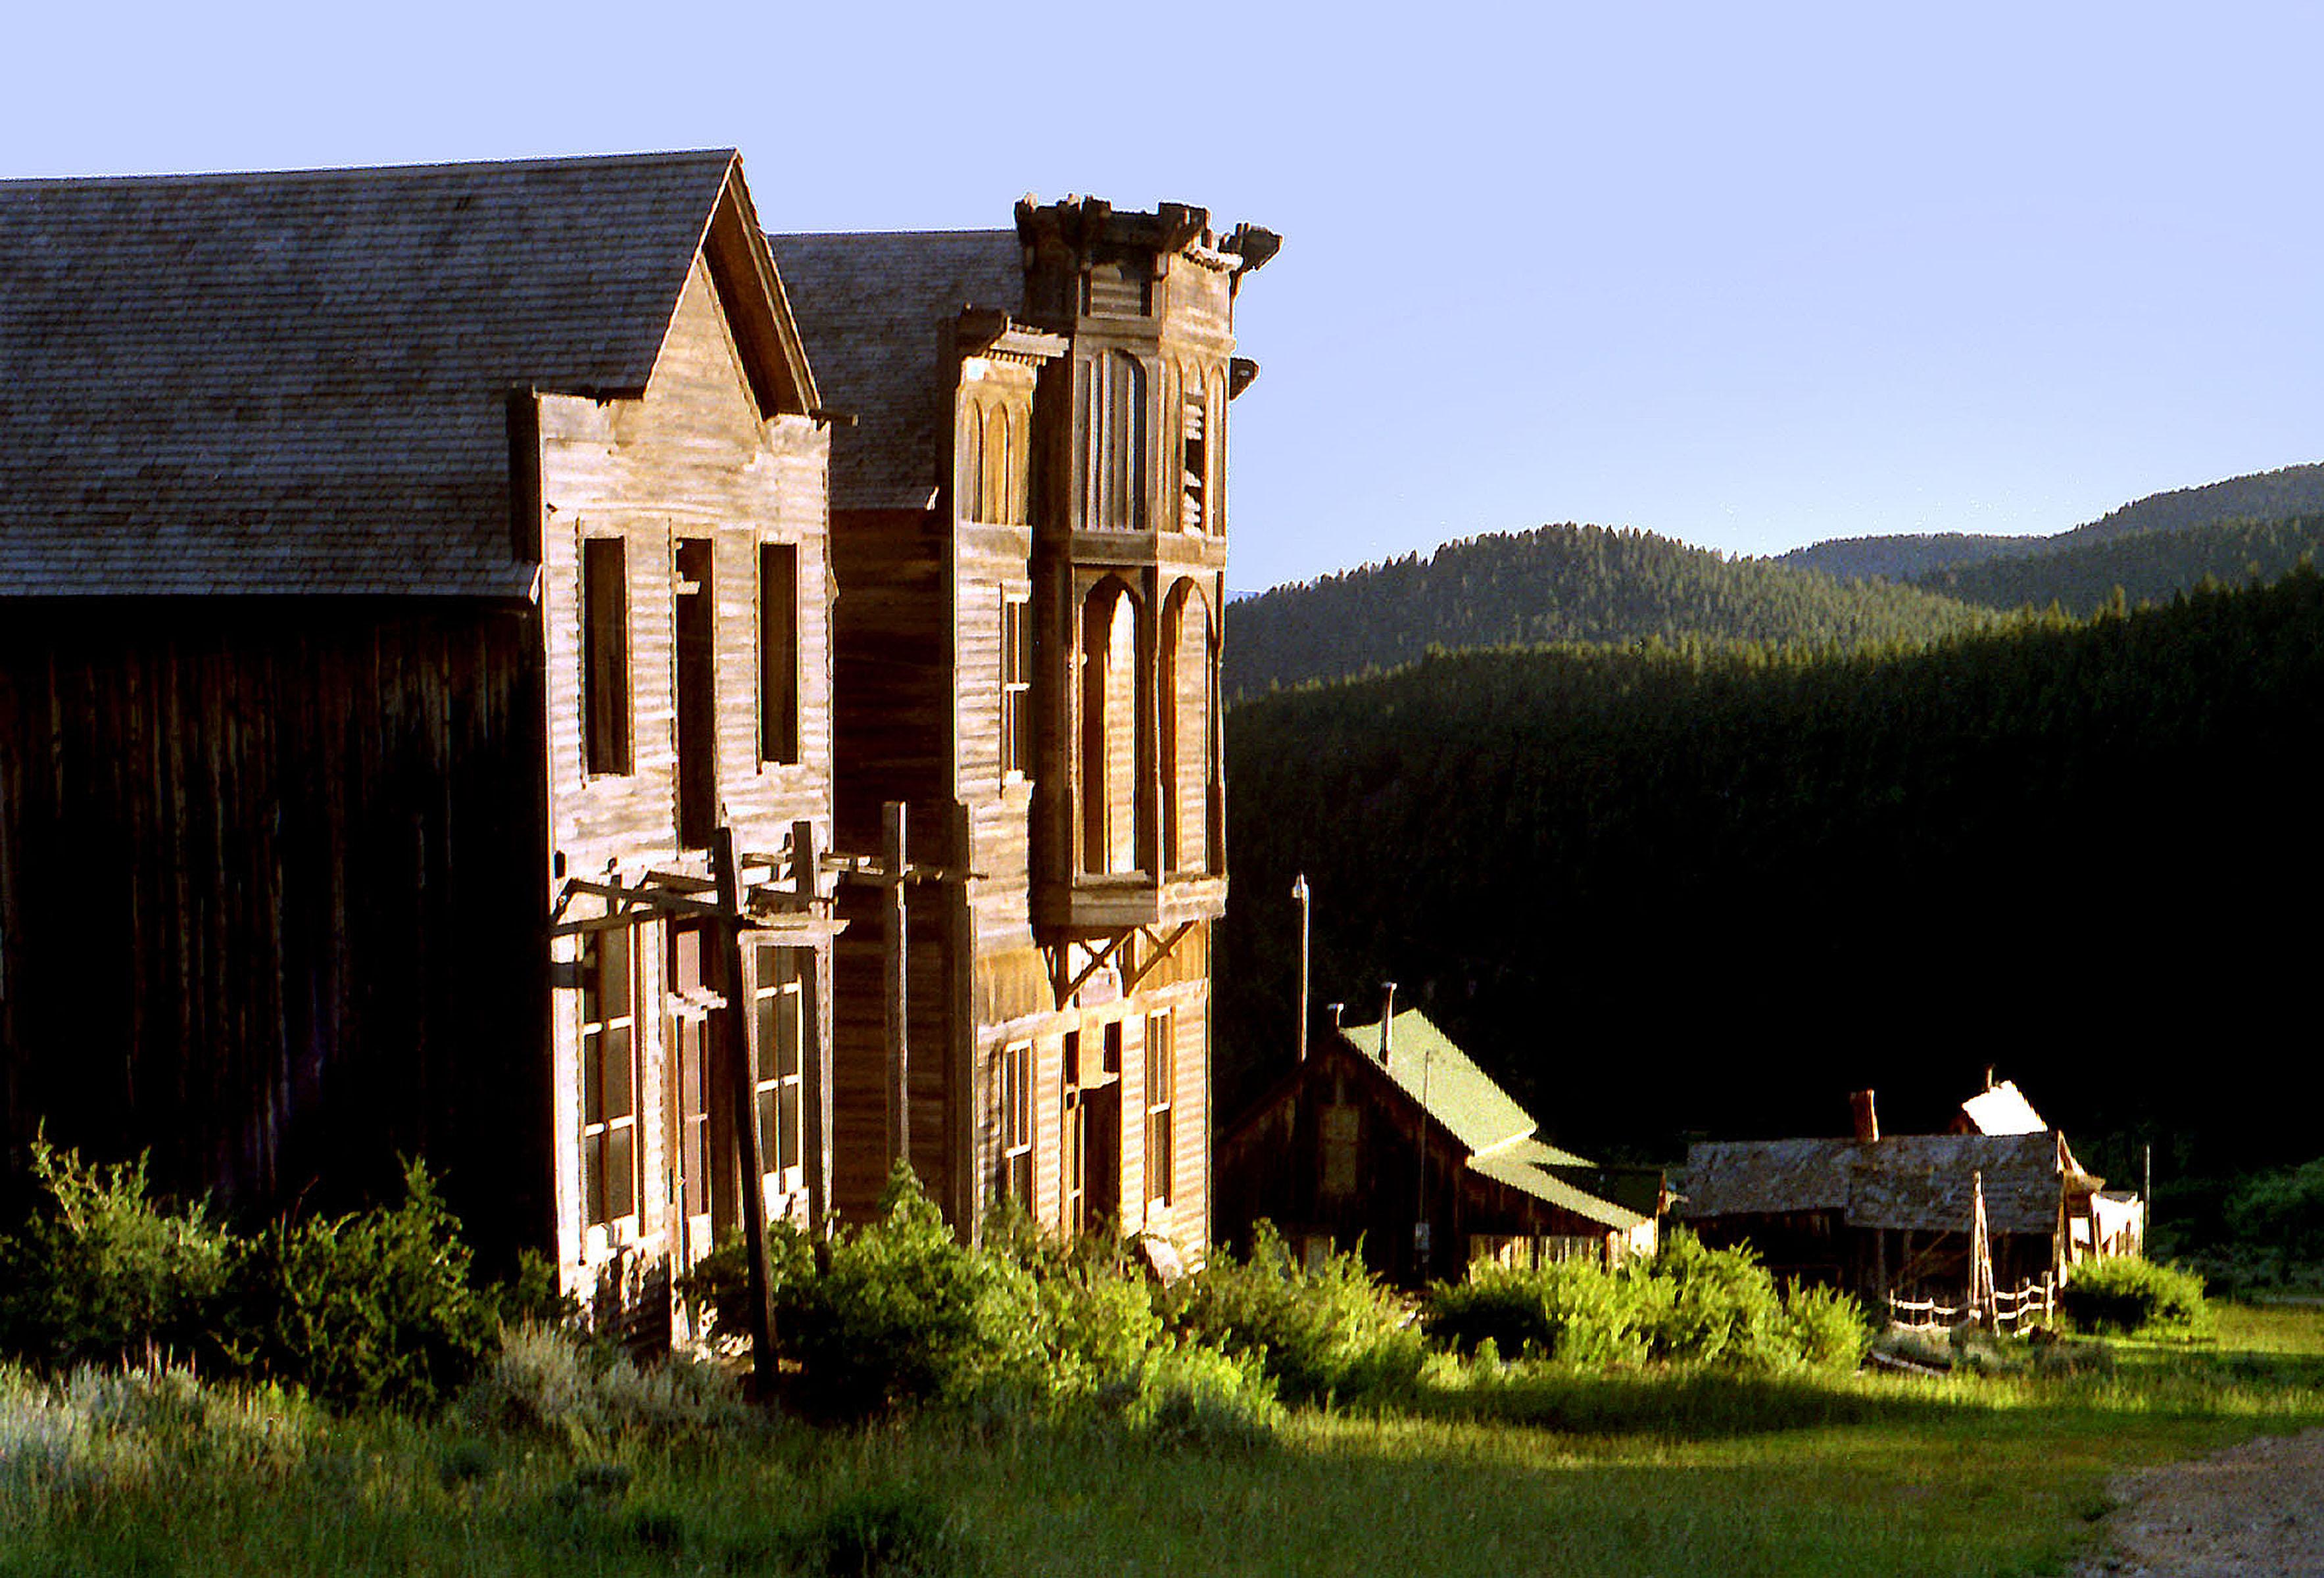 Елкхорн, Монтана - население 10 души. Този колоритен град предлага разходка в миналото, запознанство от близо с диви животни и колоездене.